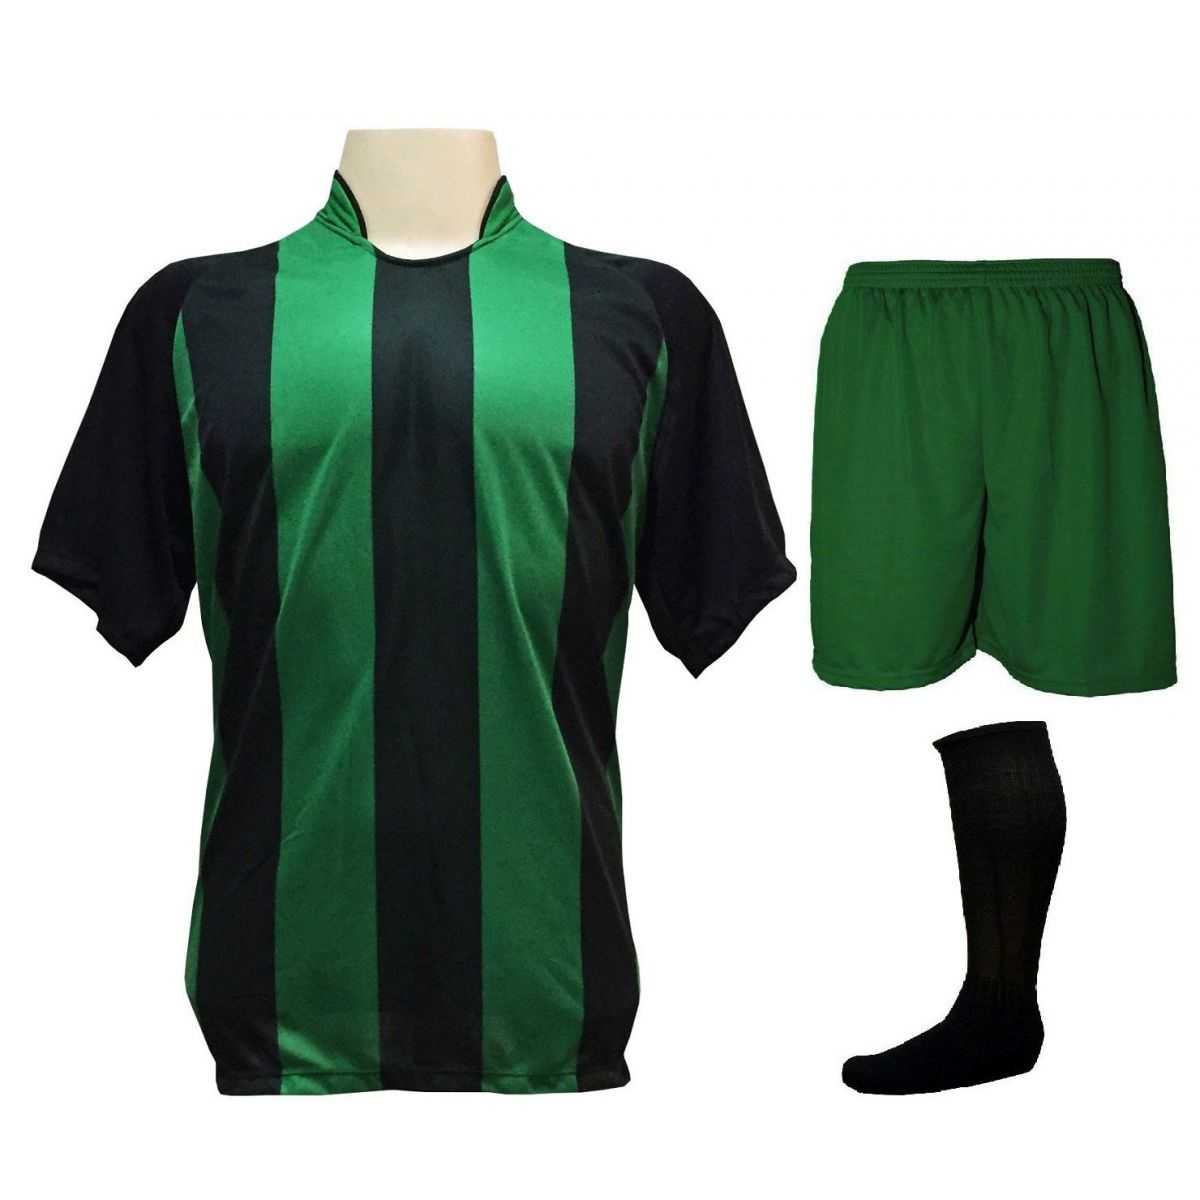 Uniforme Esportivo com 18 camisas modelo Milan Preto/Verde + 18 calções modelo Madrid Verde + 18 pares de meiões Preto